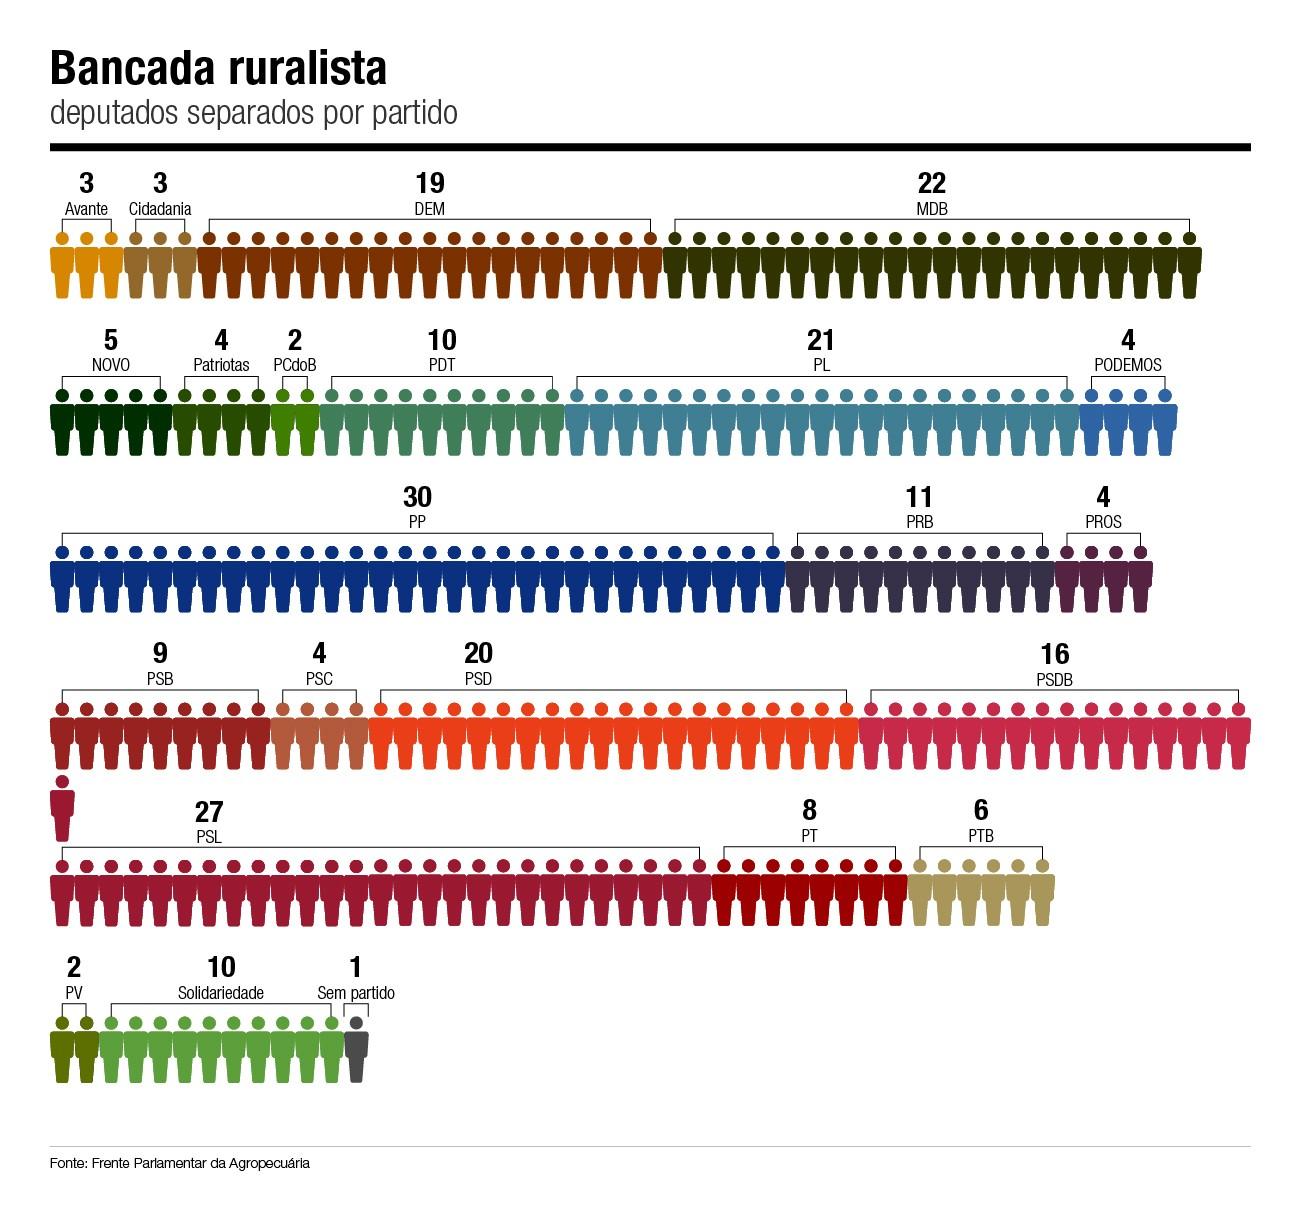 bancada-ruralista-deputados-partidos (Foto: Estúdio de Criação/Ed. Globo)